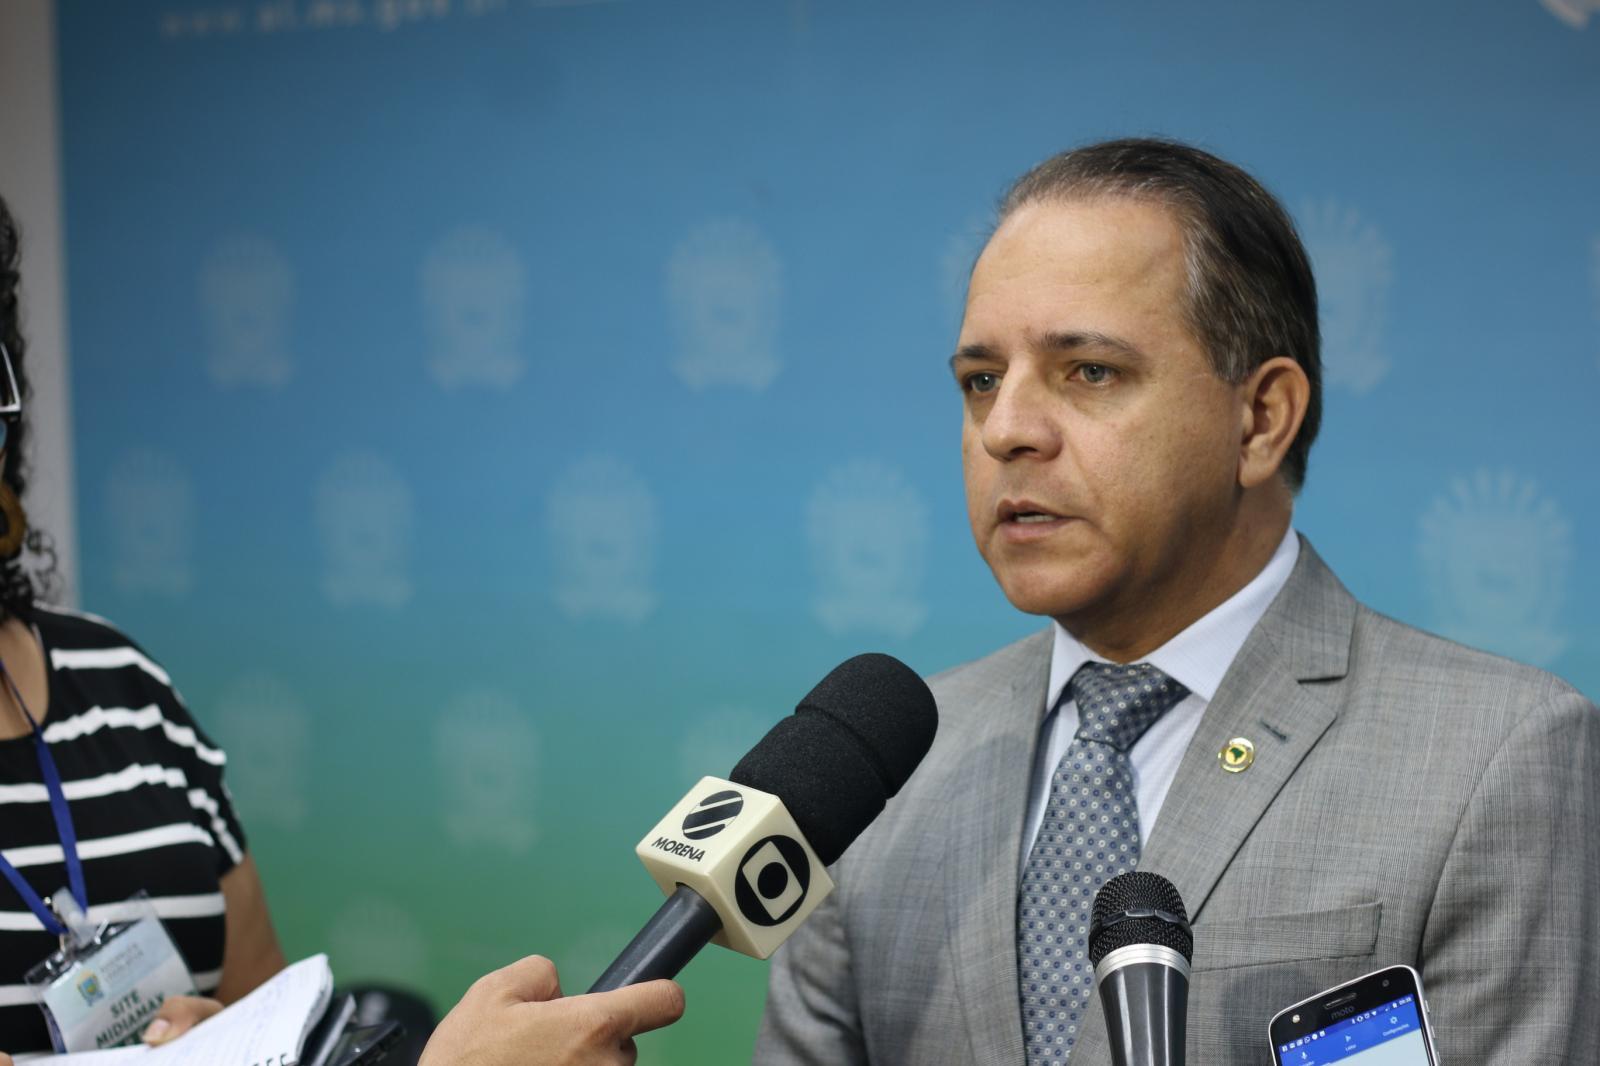 Coronel David planeja agenda futura com Bolsonaro para discutir segurança no MS